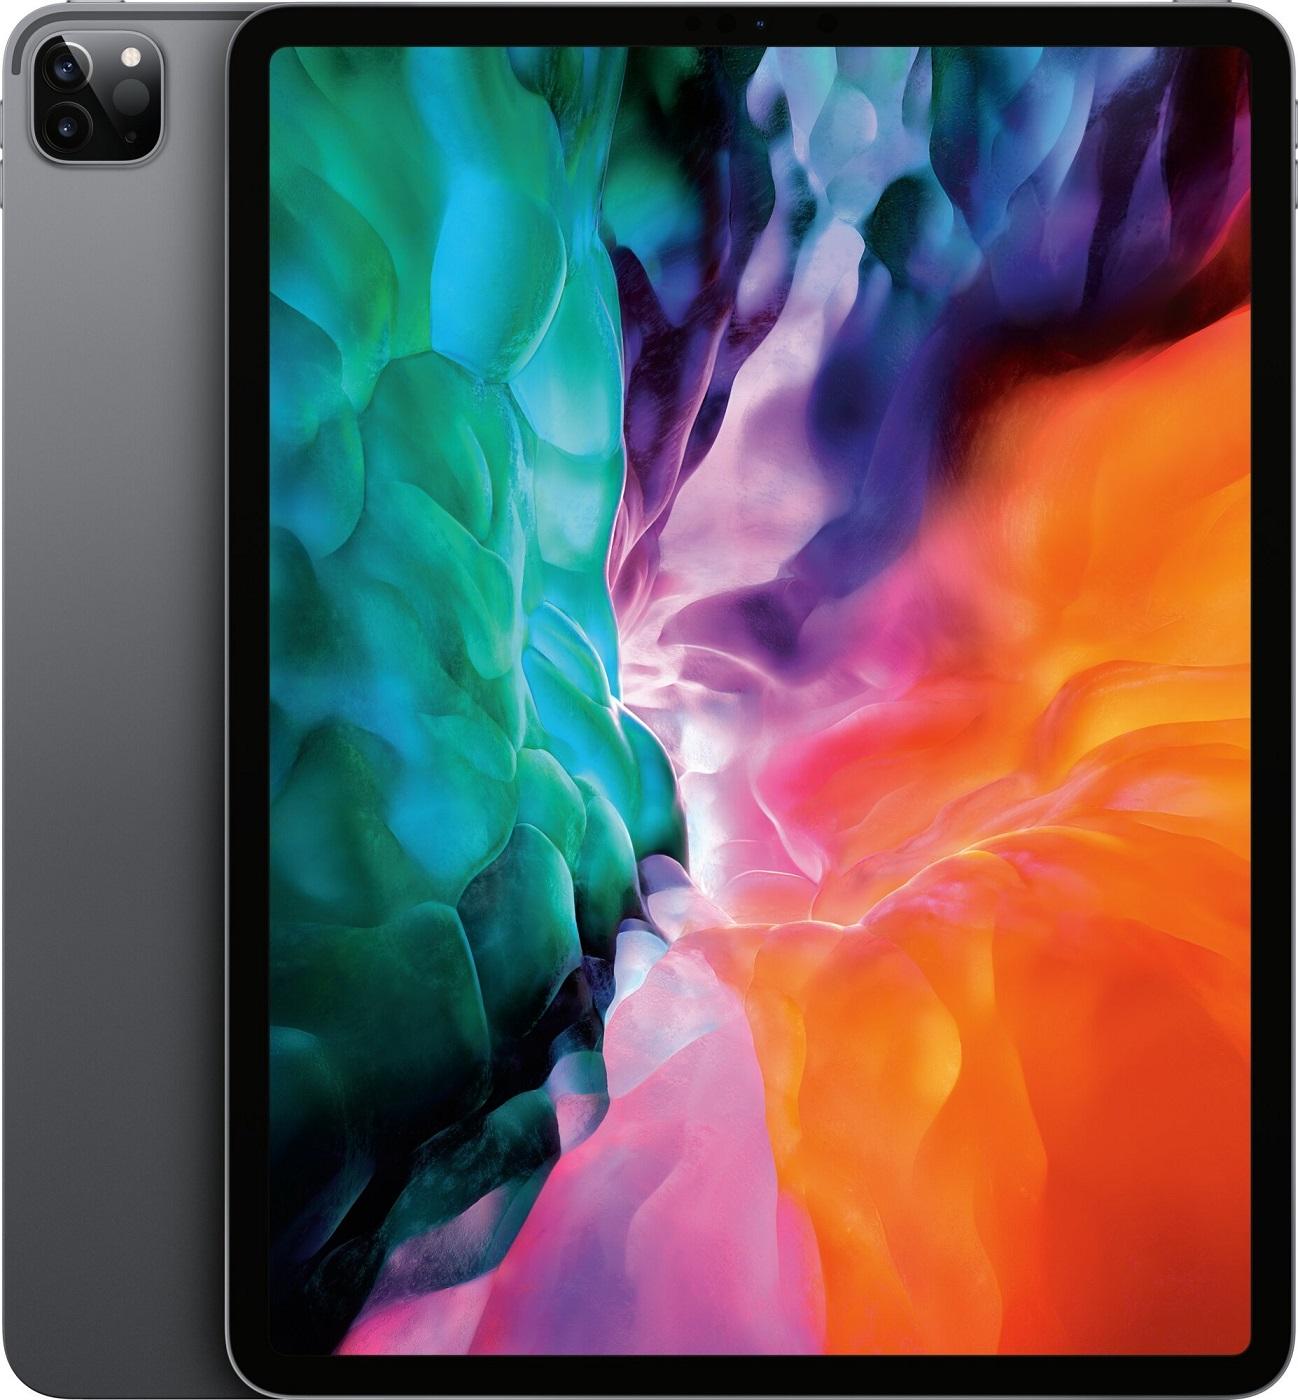 11'' iPadPro Wi-Fi 128GB - Space Grey